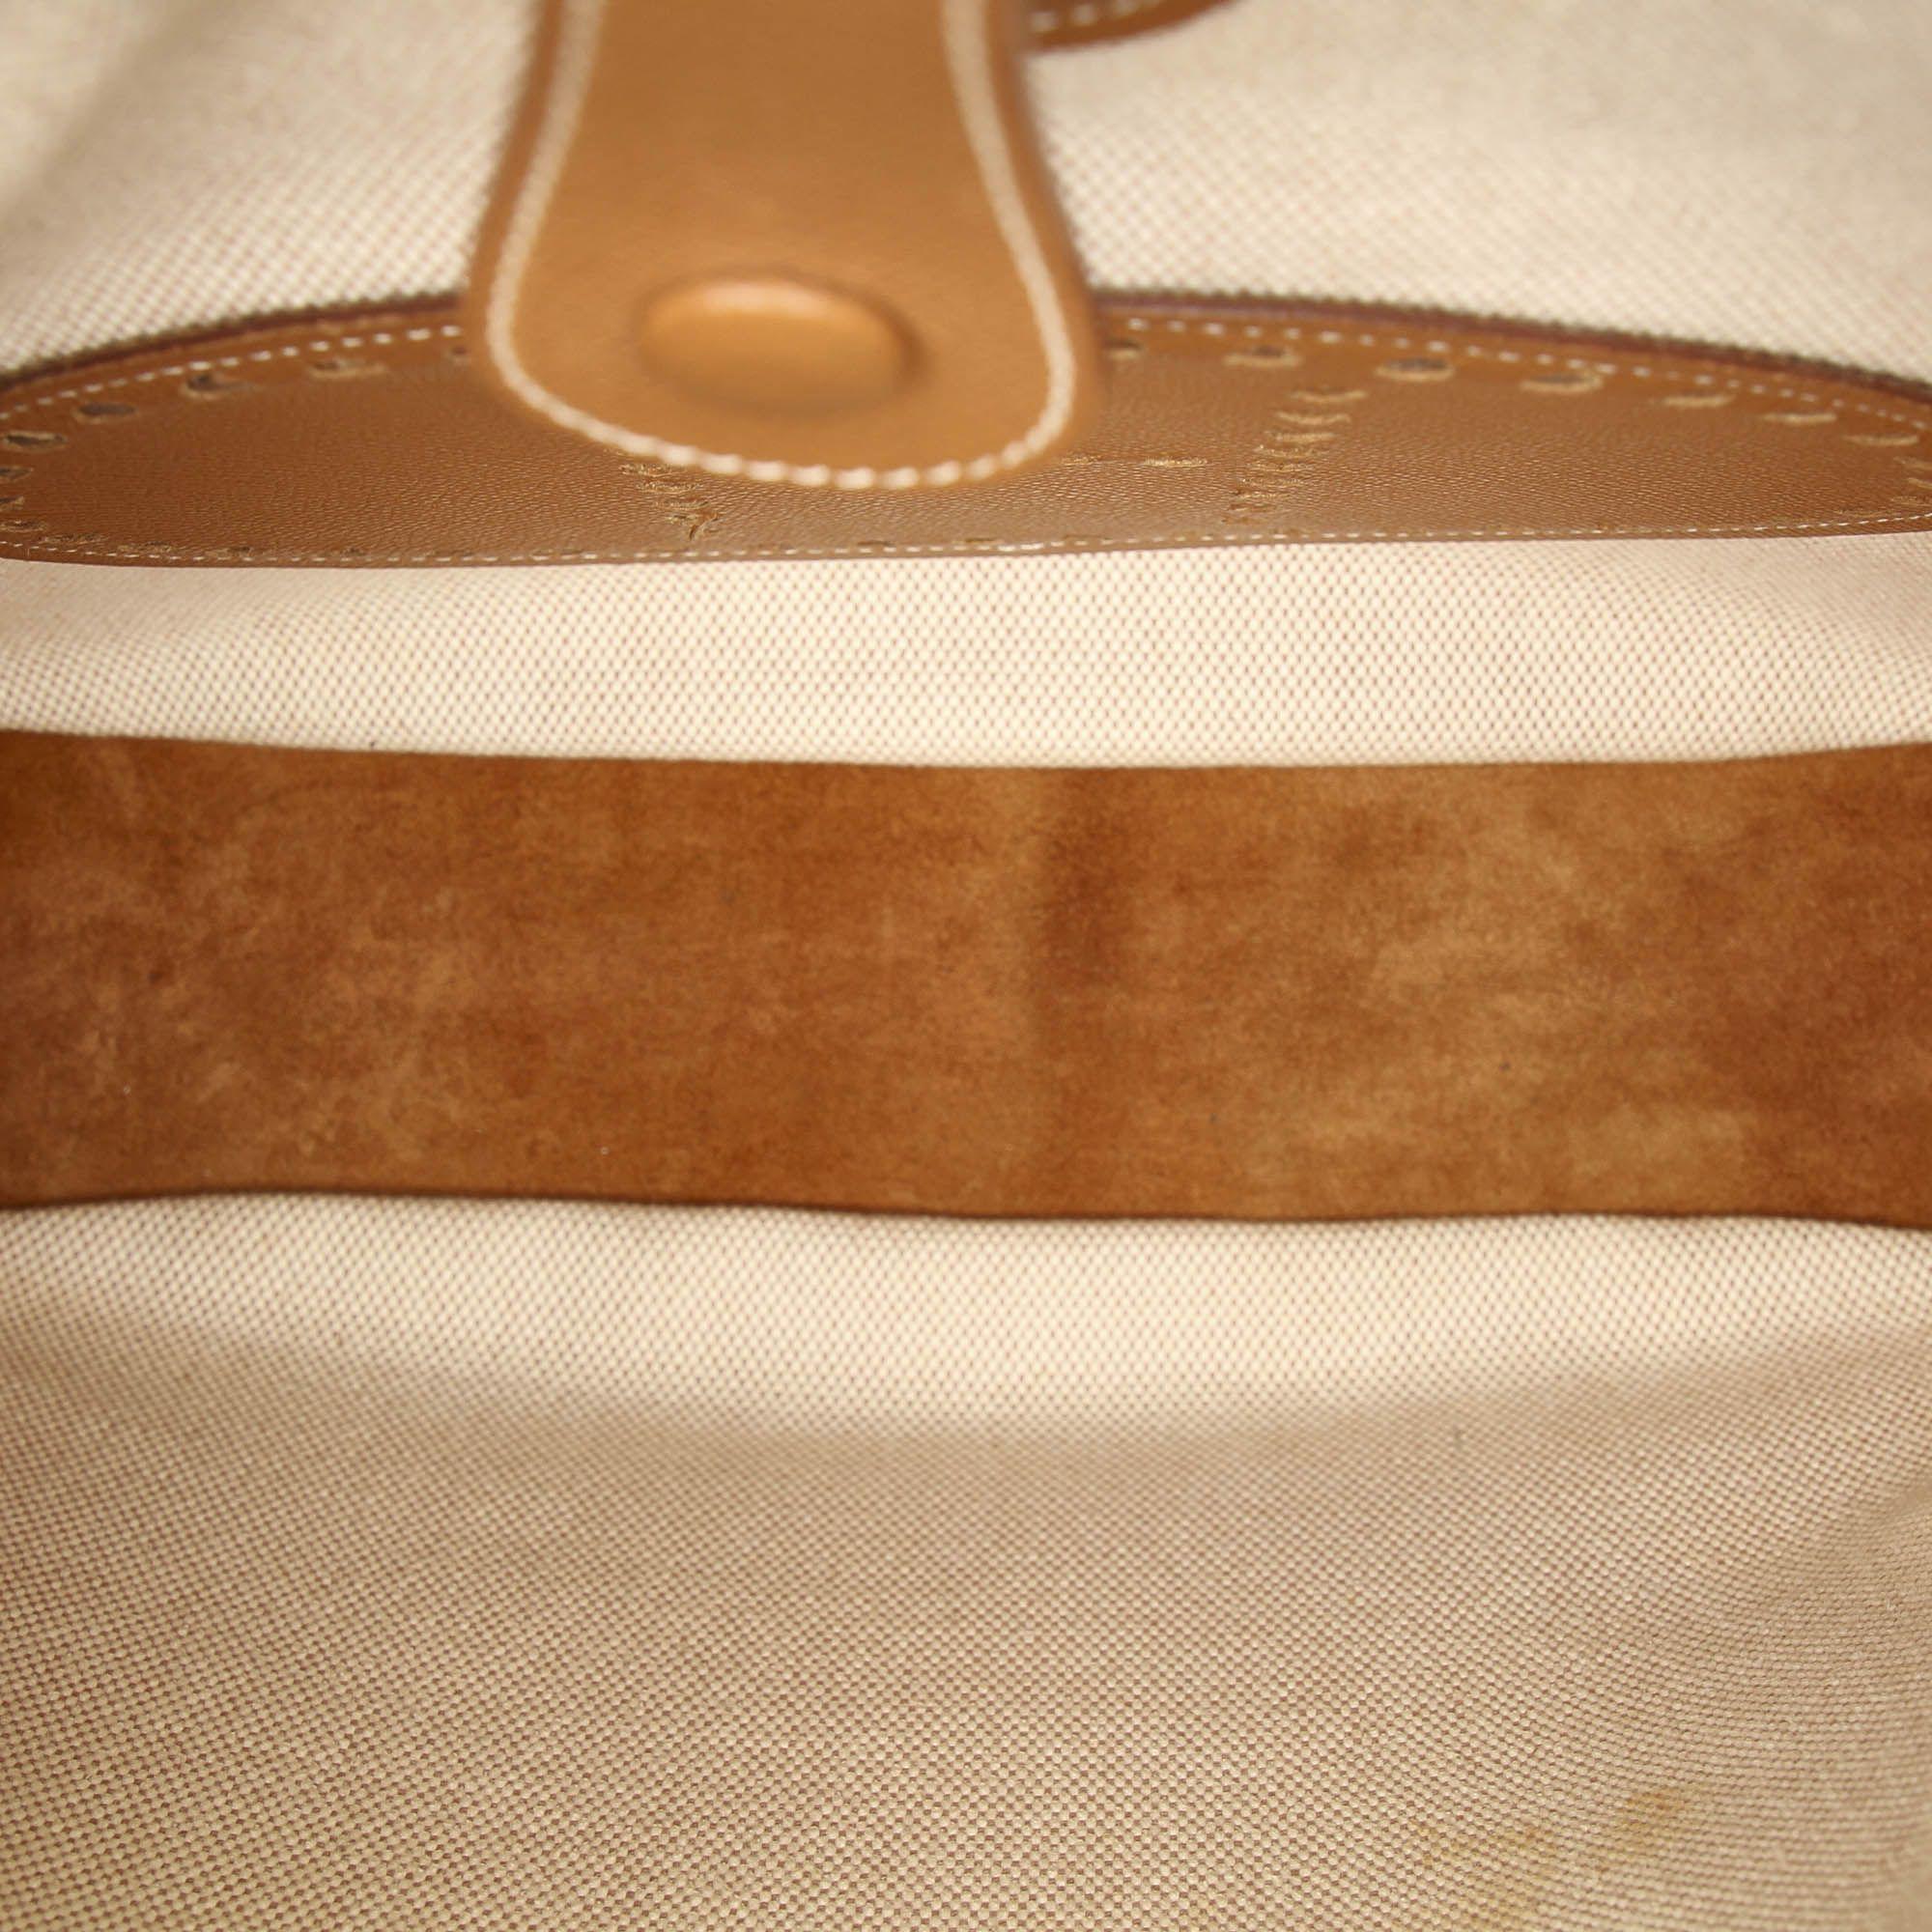 Vintage Hermes Toile Evelyne GM White